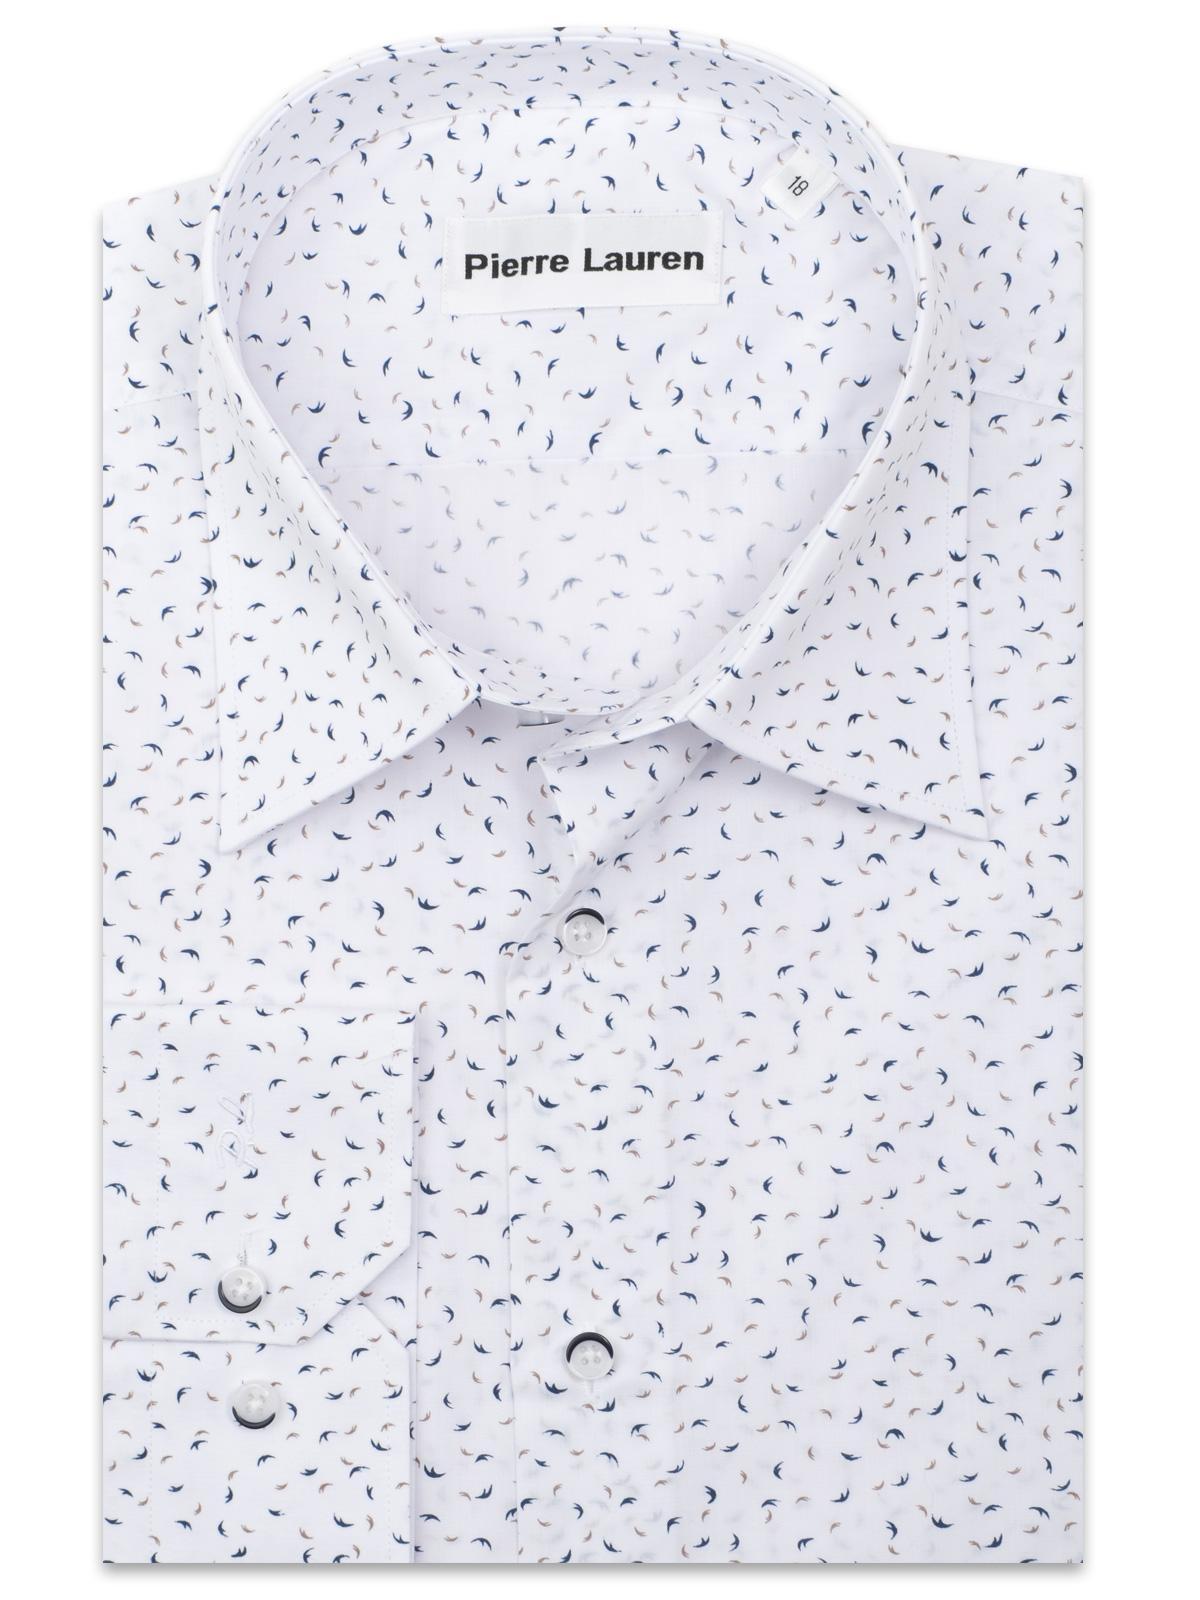 Сорочка PIERRE LAUREN (CLASSIC) арт.-1442Трц